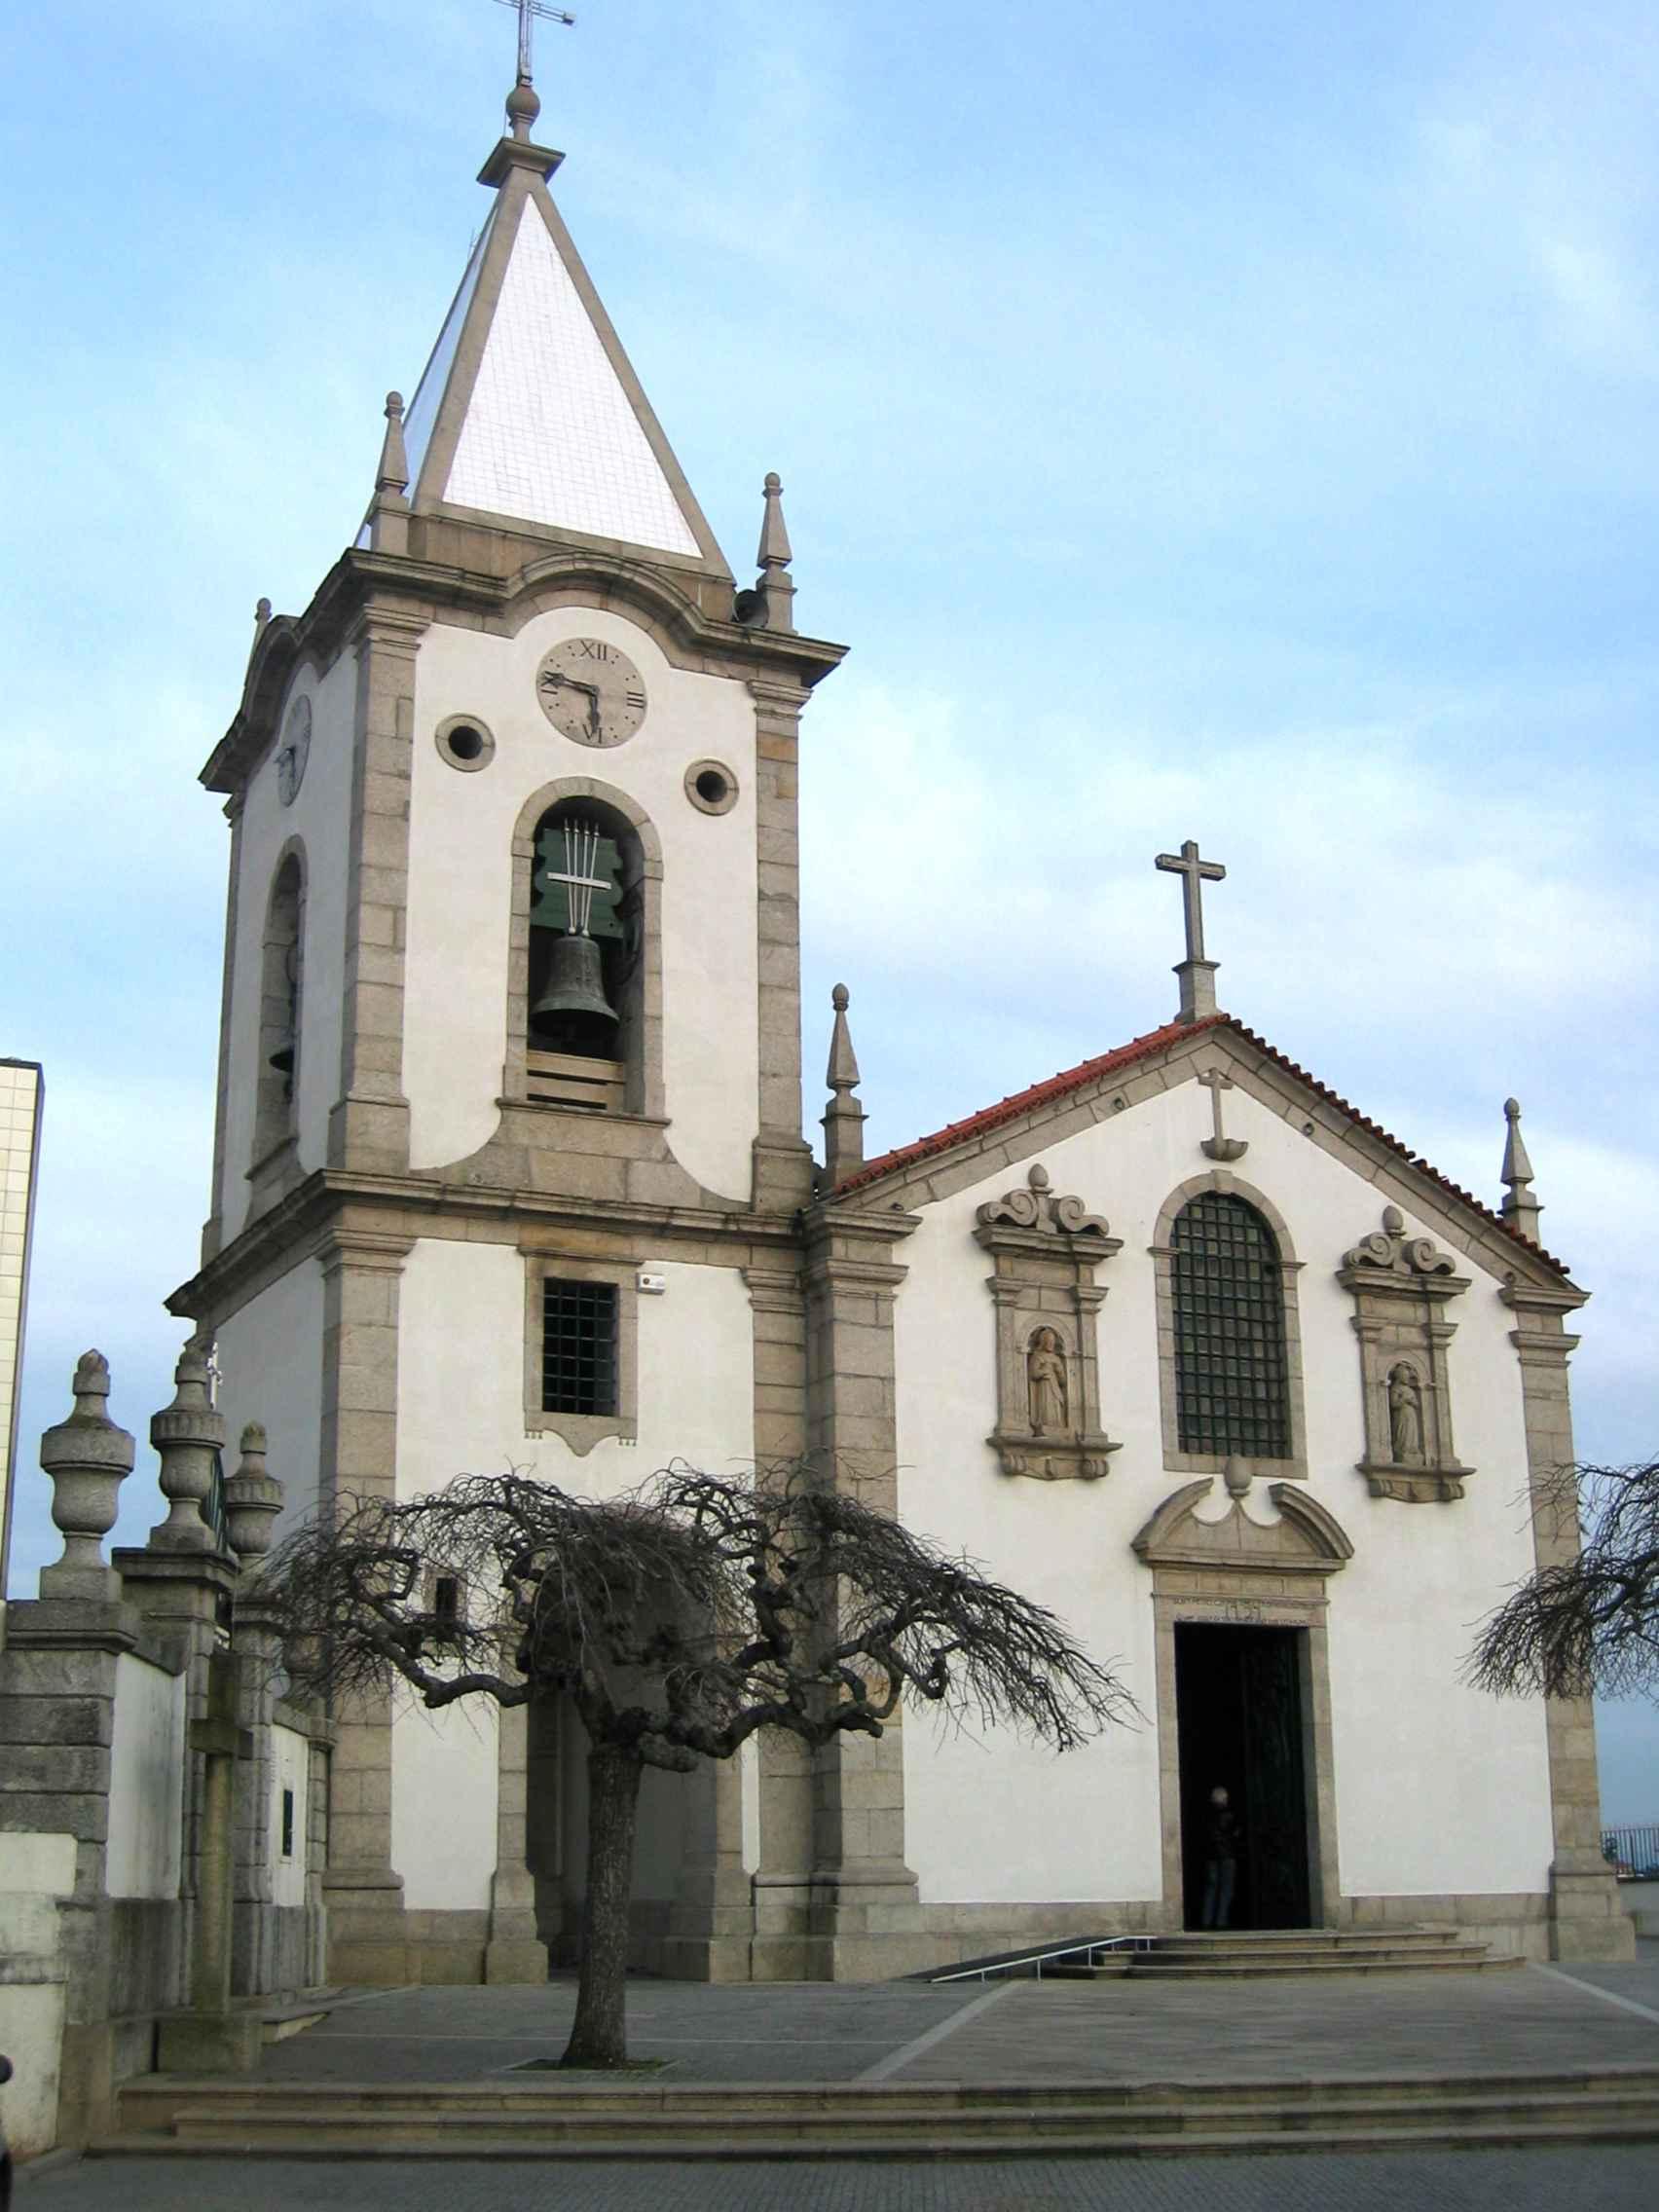 Igreja de Gondomar, doces de Gondomar, coração de Gondomar